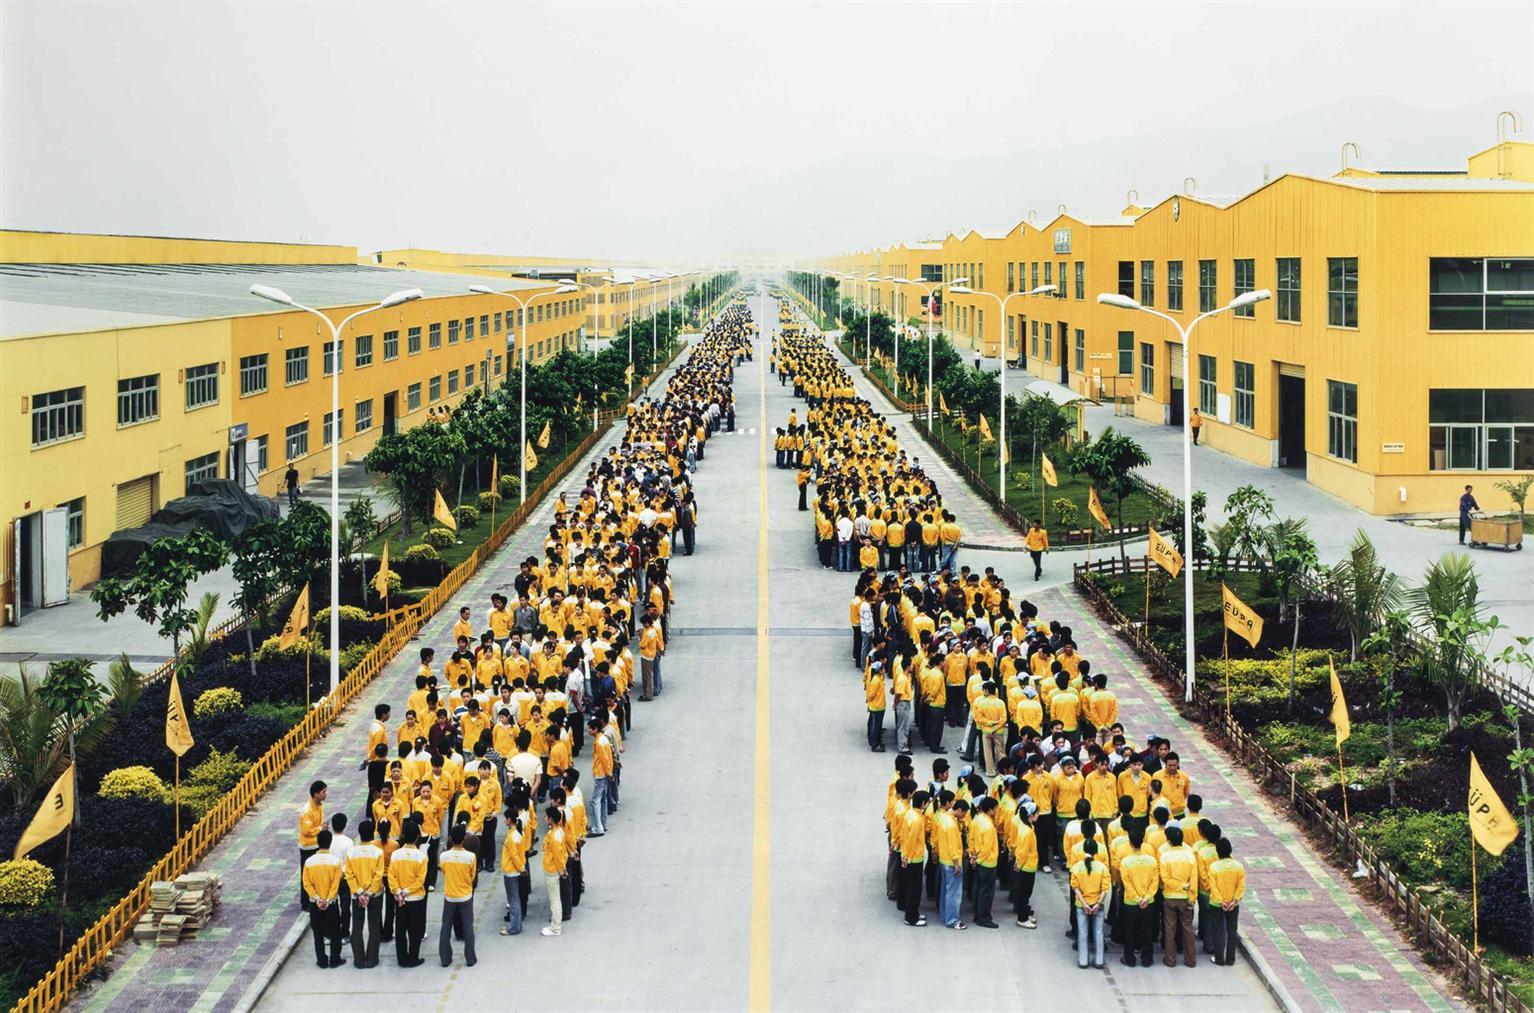 Edward Burtynsky-Manufacturing #18, Cankun Factory, Zhangzhou, Fujian Province, China-2005